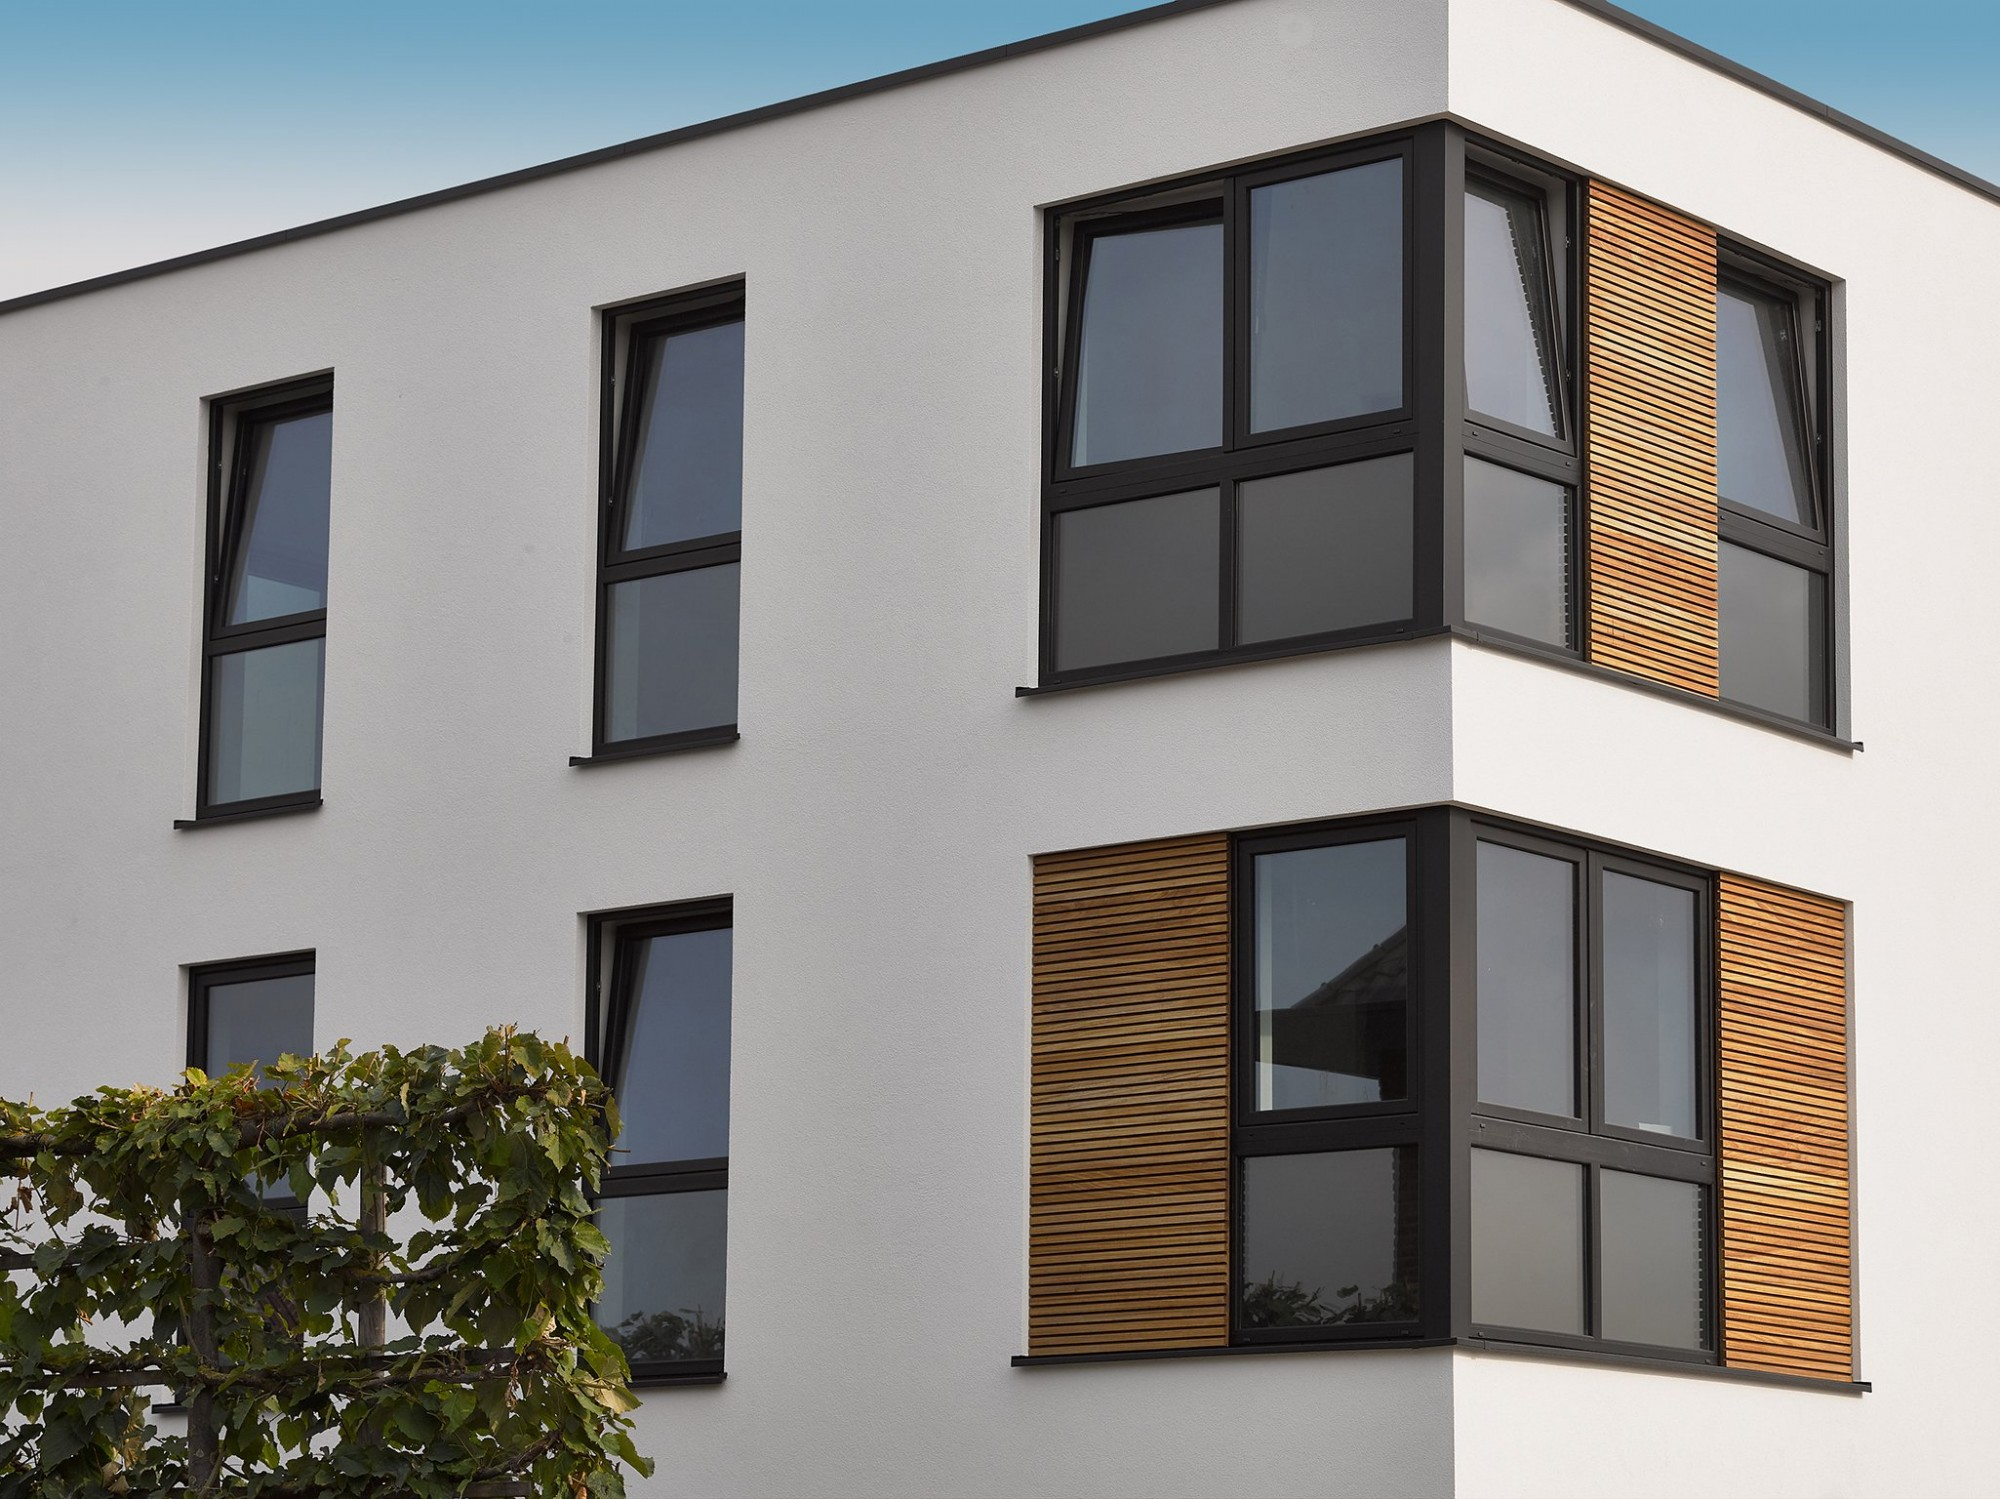 Afbeelding: Fotografie appartement voor De Clerck pvc ramen en deuren, foto Van Huffel